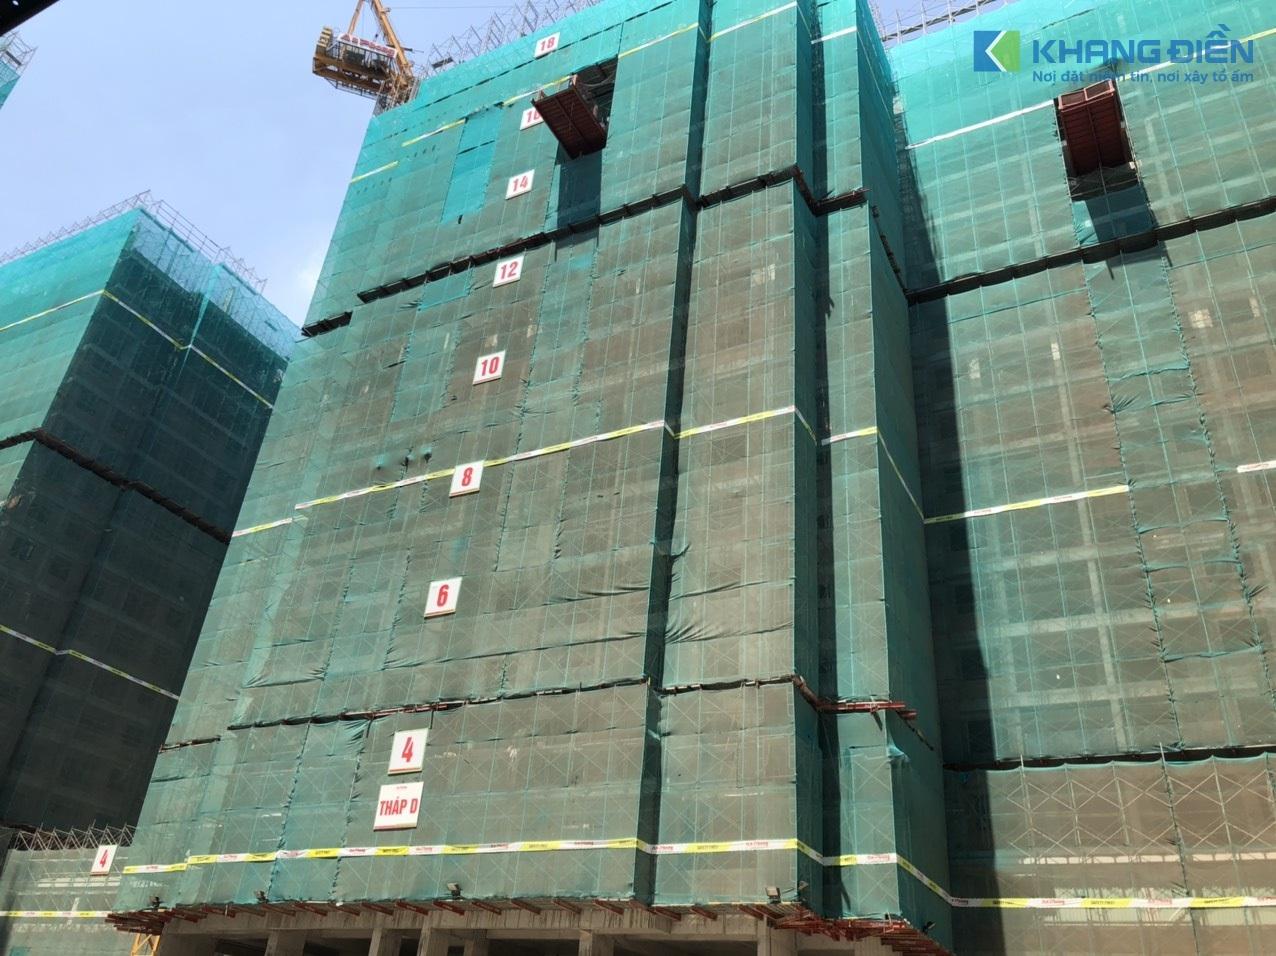 Block D cũng đã xây đến tầng 18 và sẽ cất nóc trong Tháng 05-2020 - Khang Điền HCM